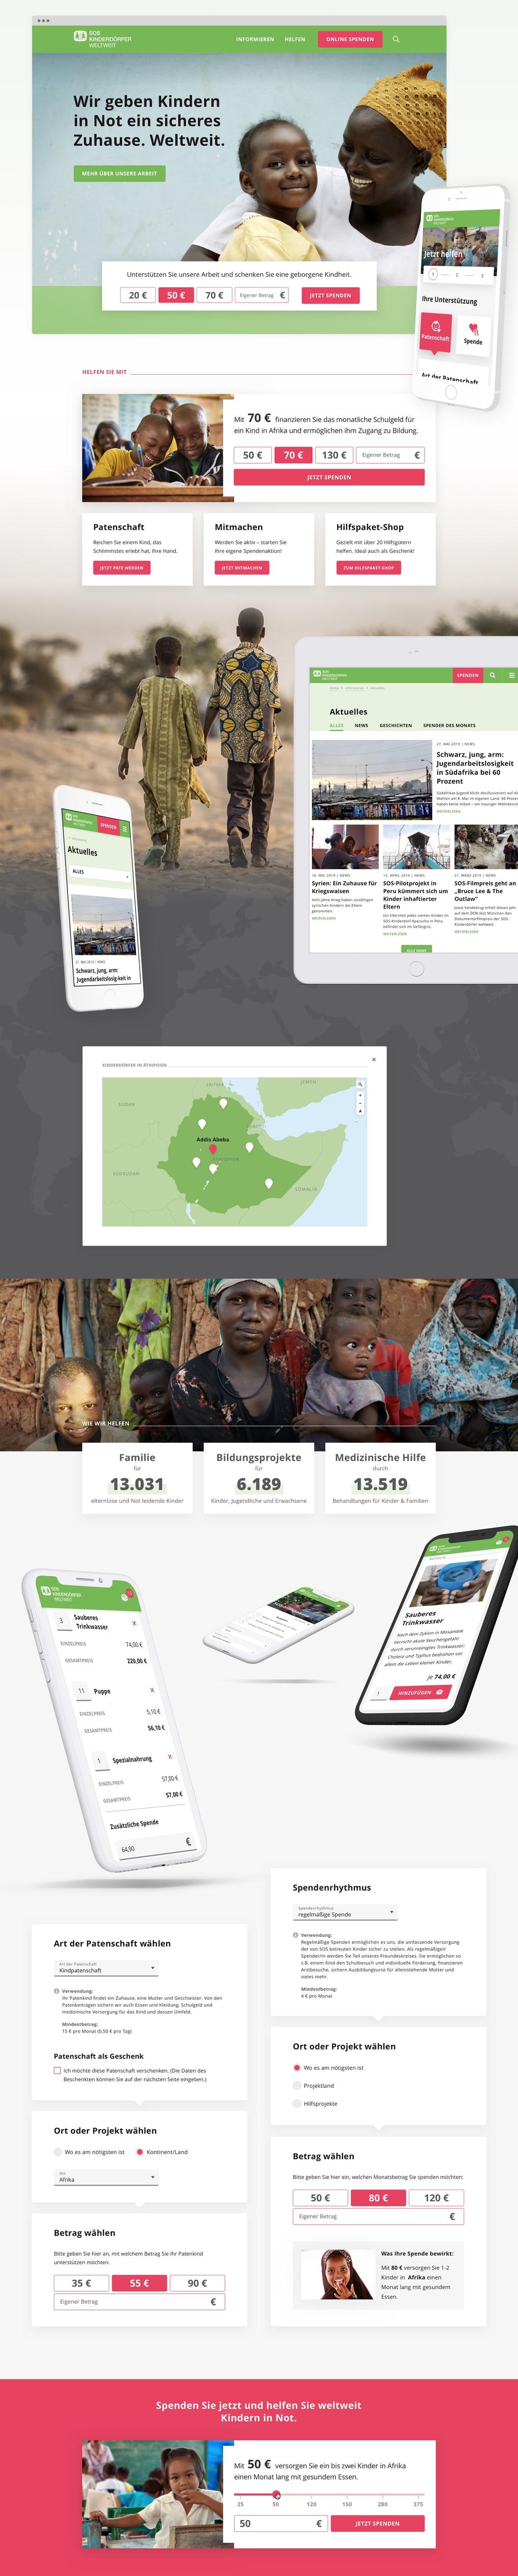 Projektaufbereitung für den Website-Relaunch von SOS-Kinderdörfer weltweit